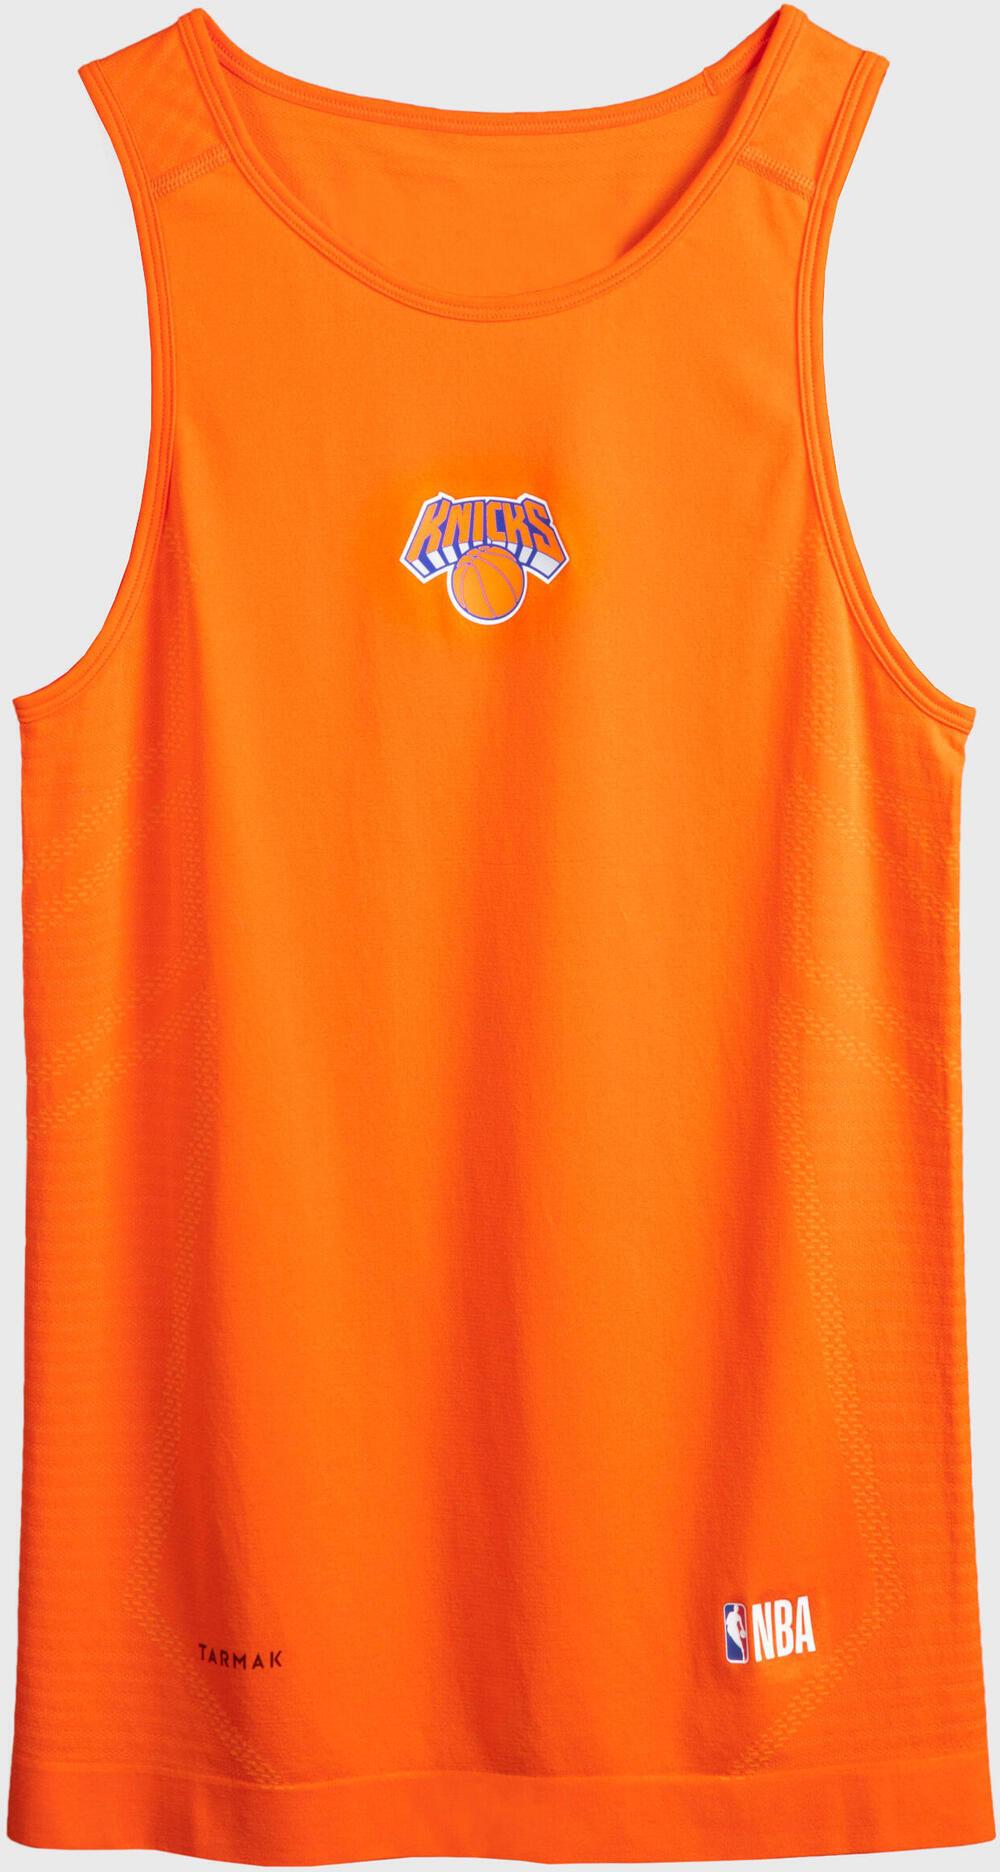 Podkoszulek bez rękawów do koszykówki UT500 męski NBA NEW-YORK KNICKS